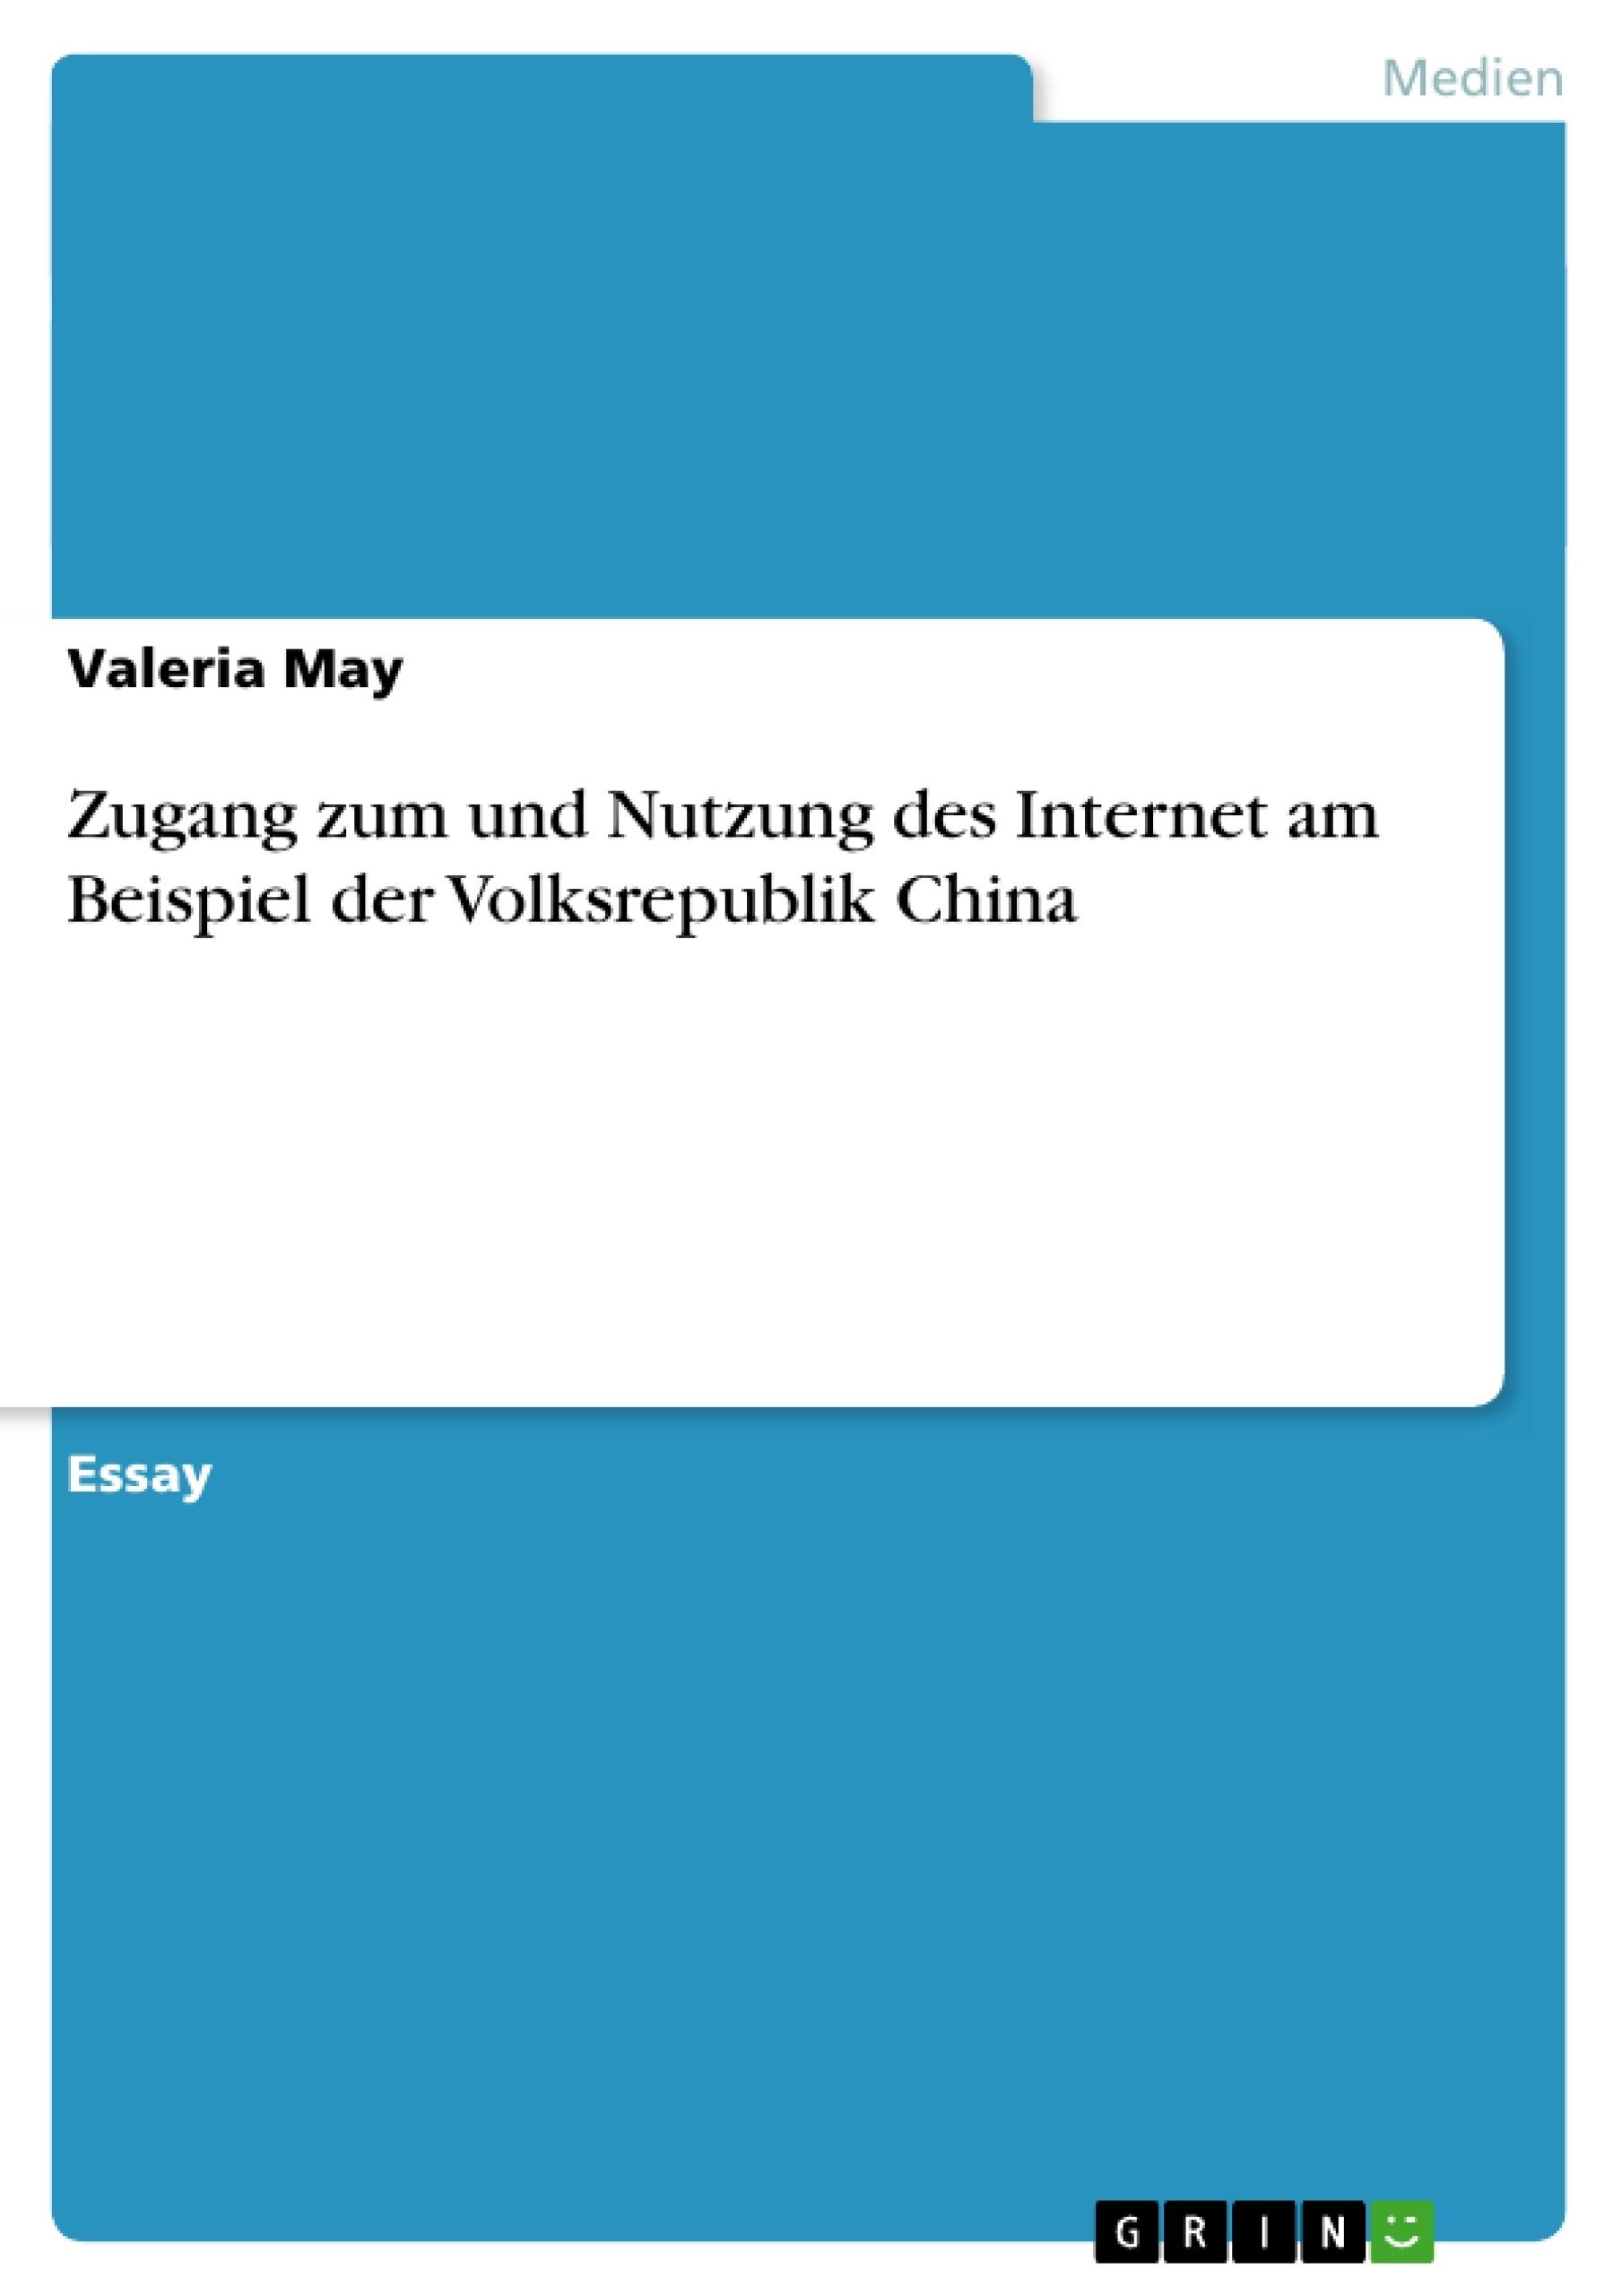 Titel: Zugang zum und Nutzung des Internet am Beispiel der Volksrepublik China